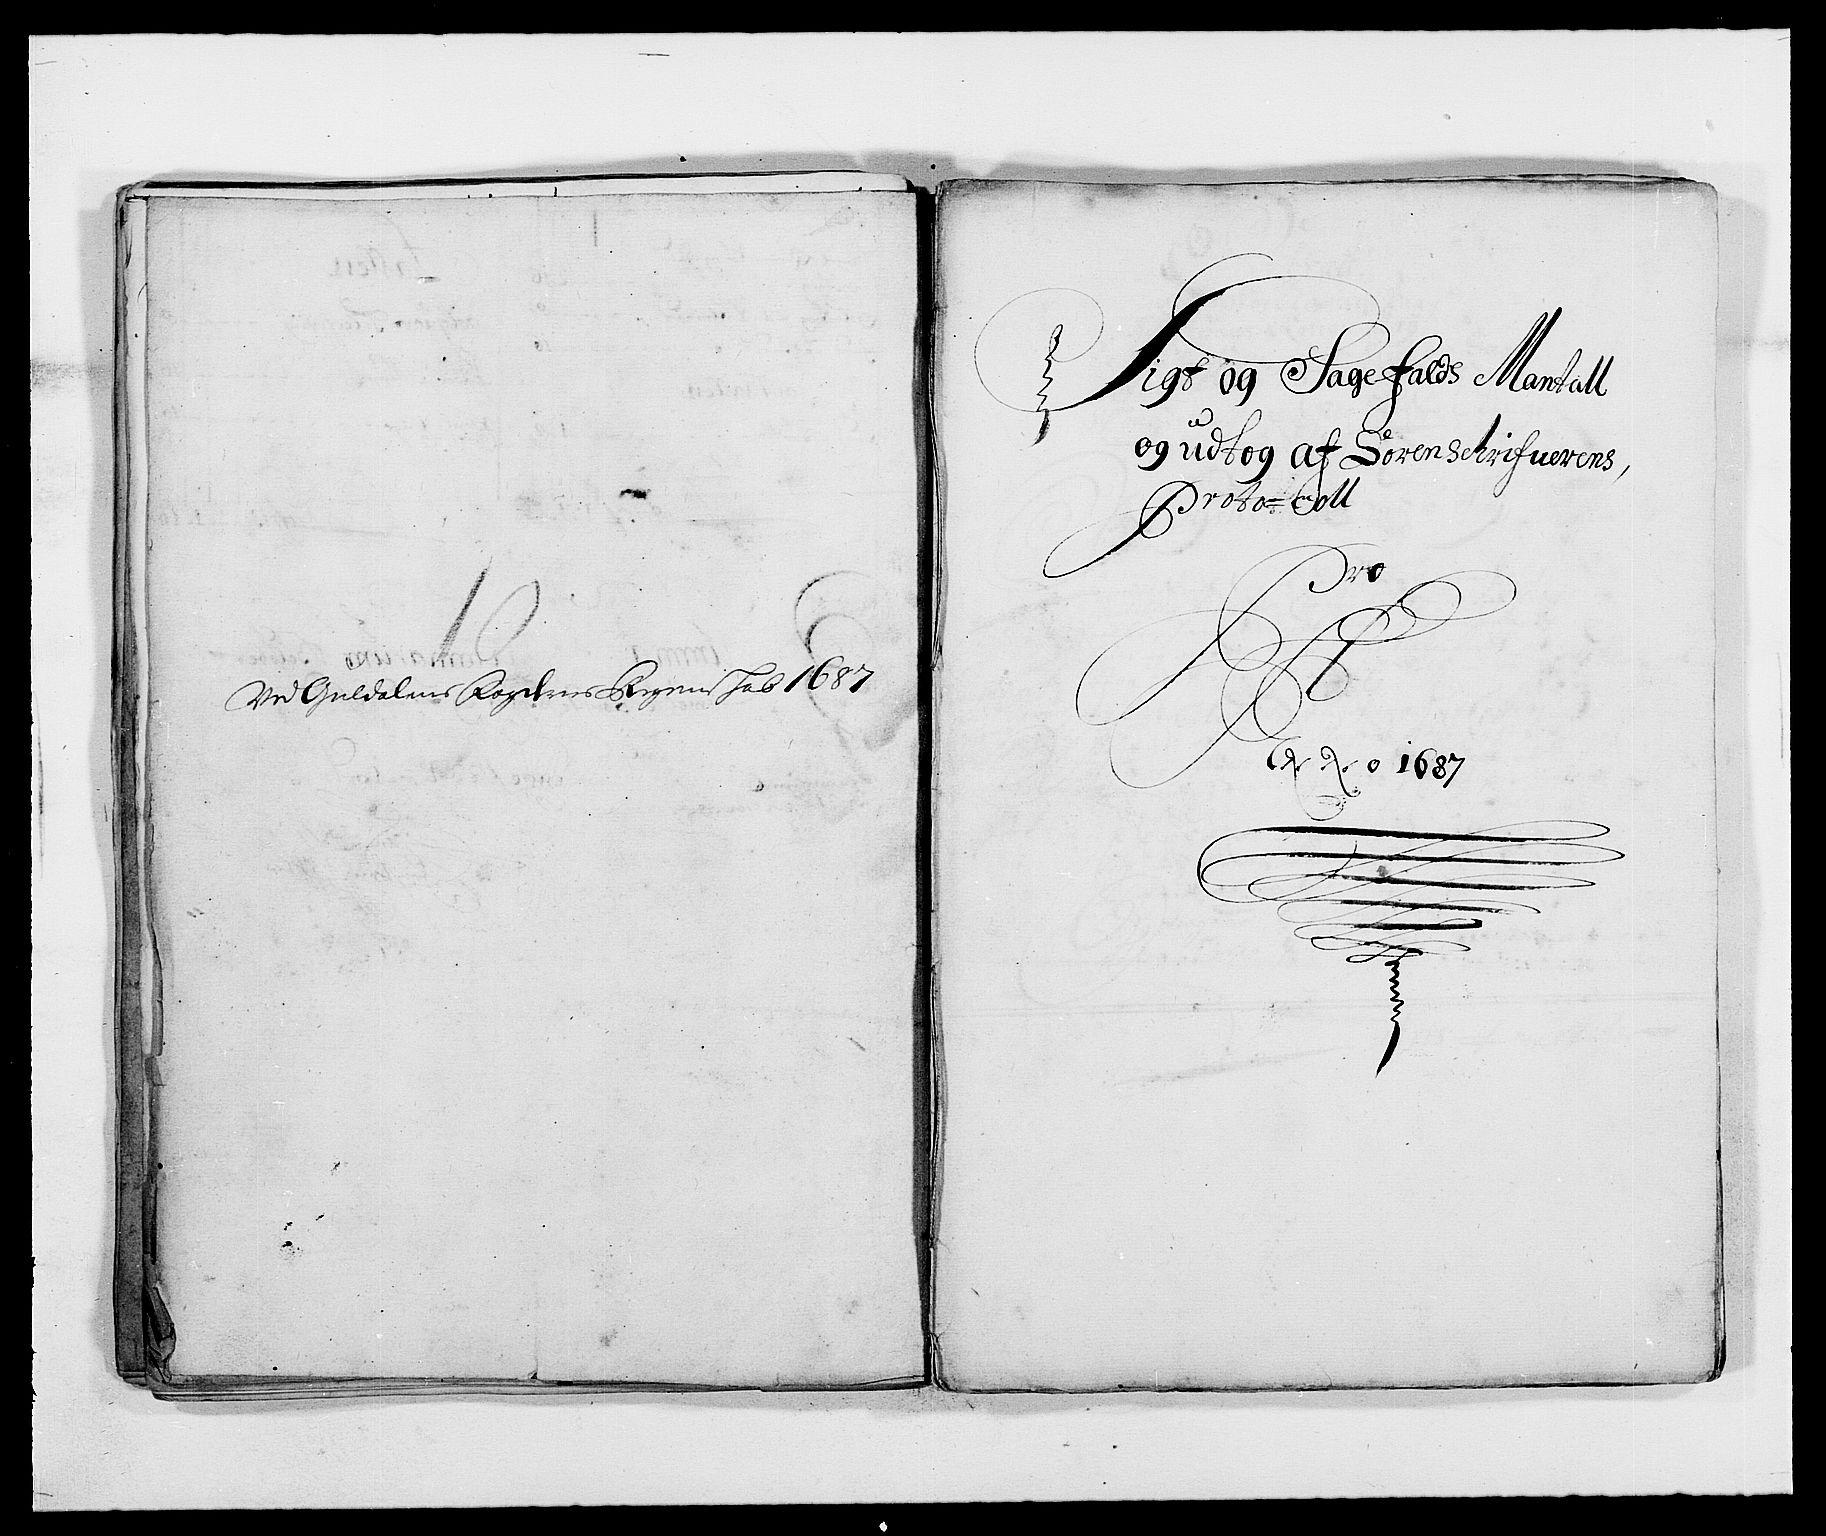 RA, Rentekammeret inntil 1814, Reviderte regnskaper, Fogderegnskap, R59/L3939: Fogderegnskap Gauldal, 1687-1688, s. 46